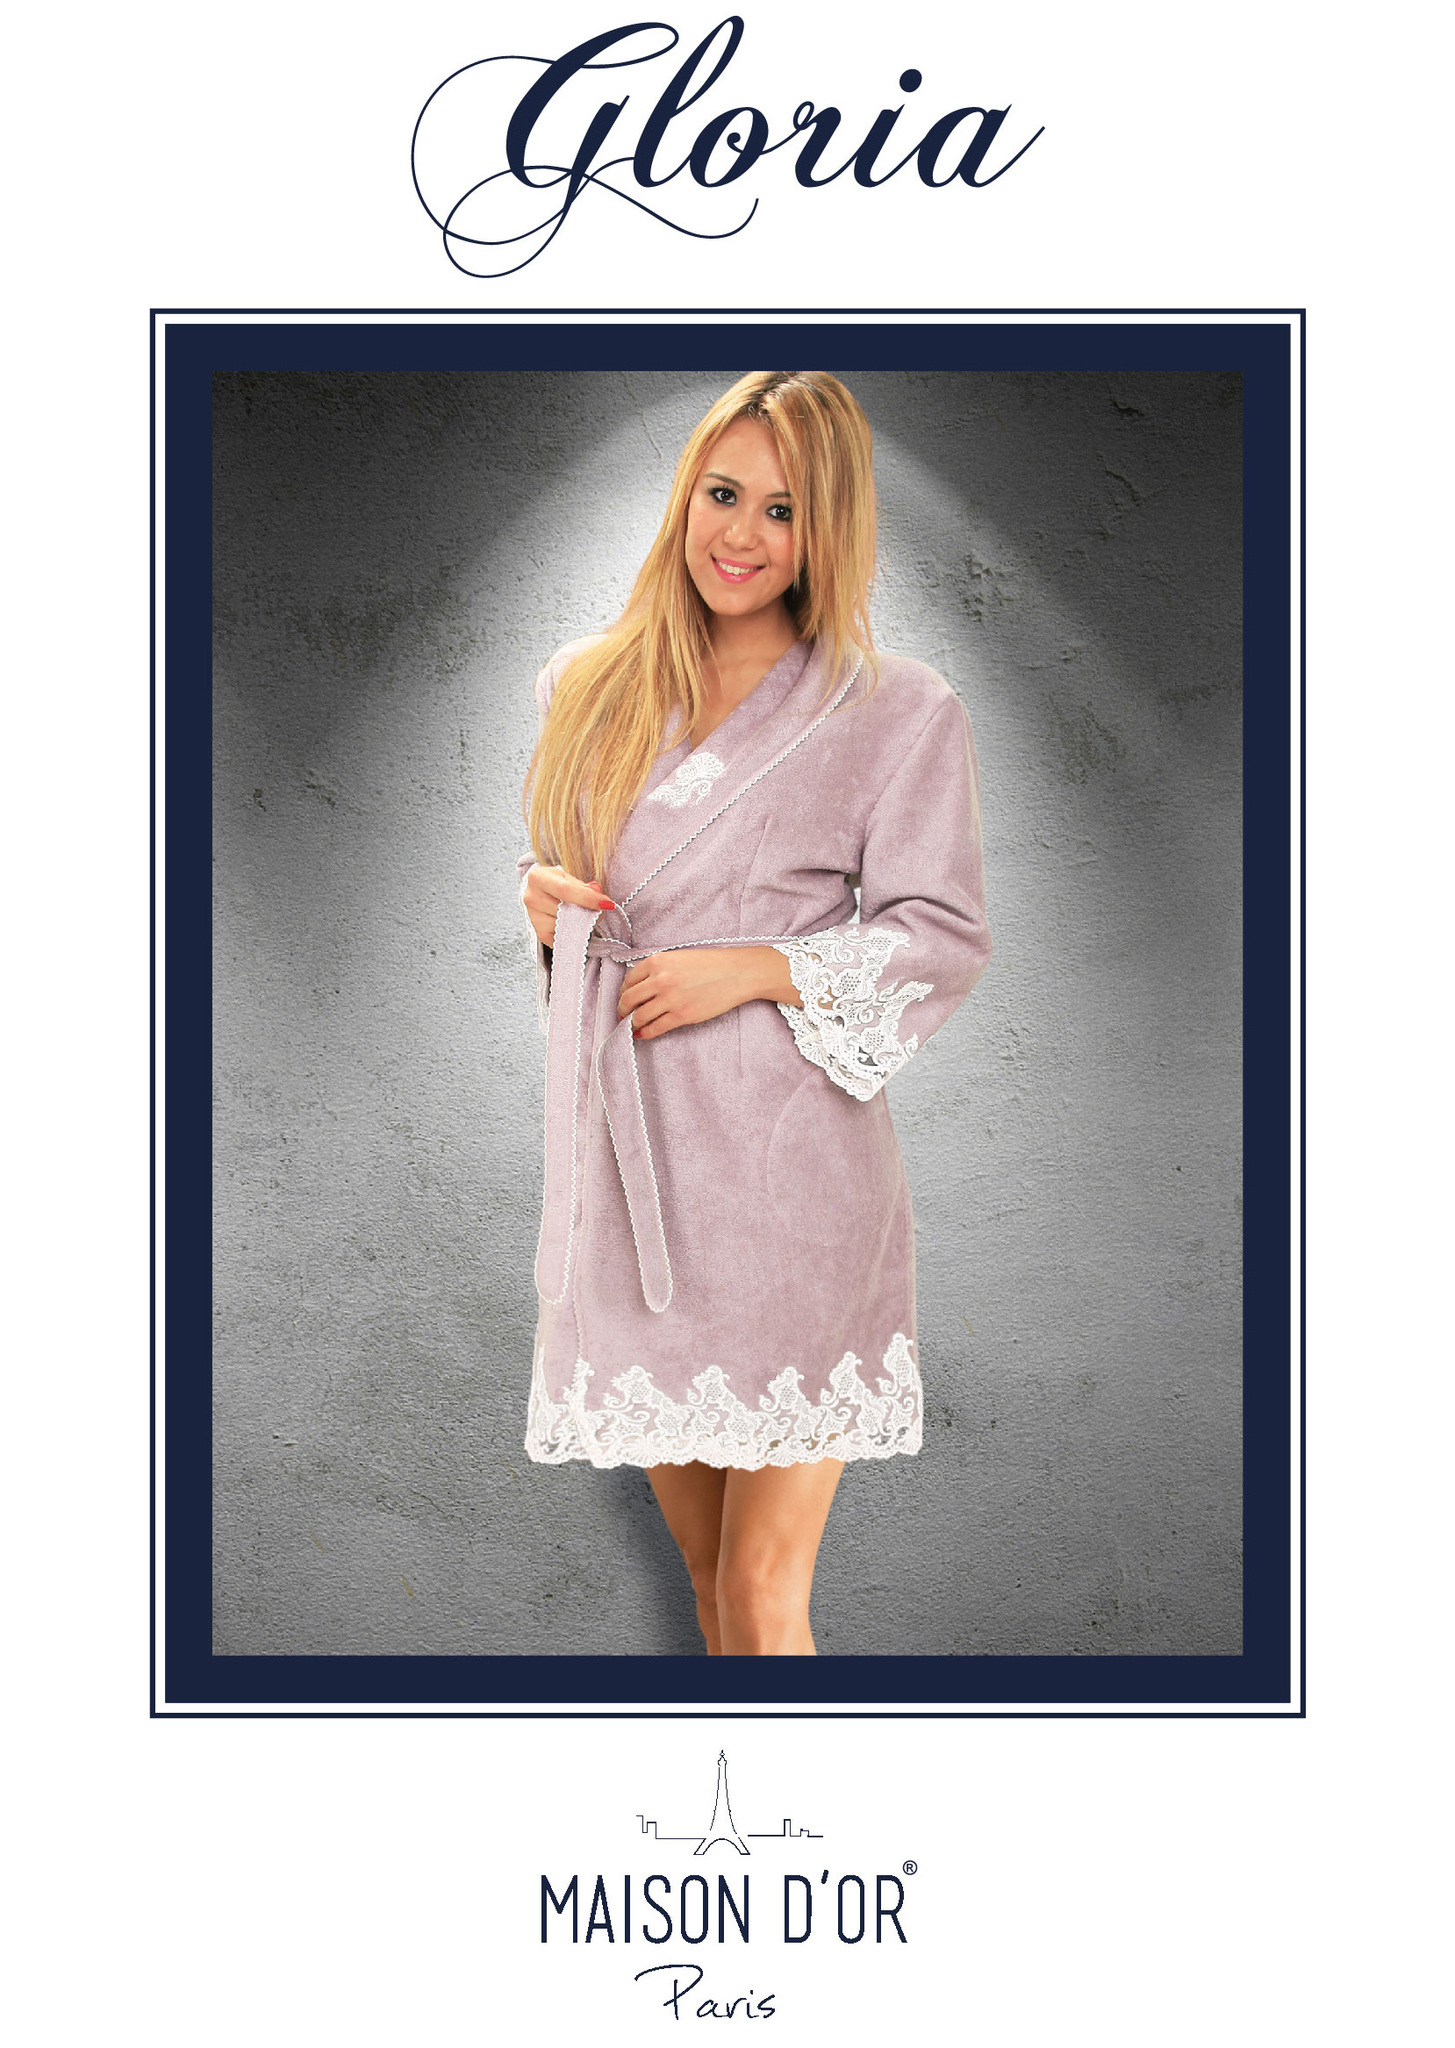 Махровые халаты GLORIA ГЛОРИЯ женский бамбуковый халат Maison Dor Турция Gloria_Bornoz-K.jpg